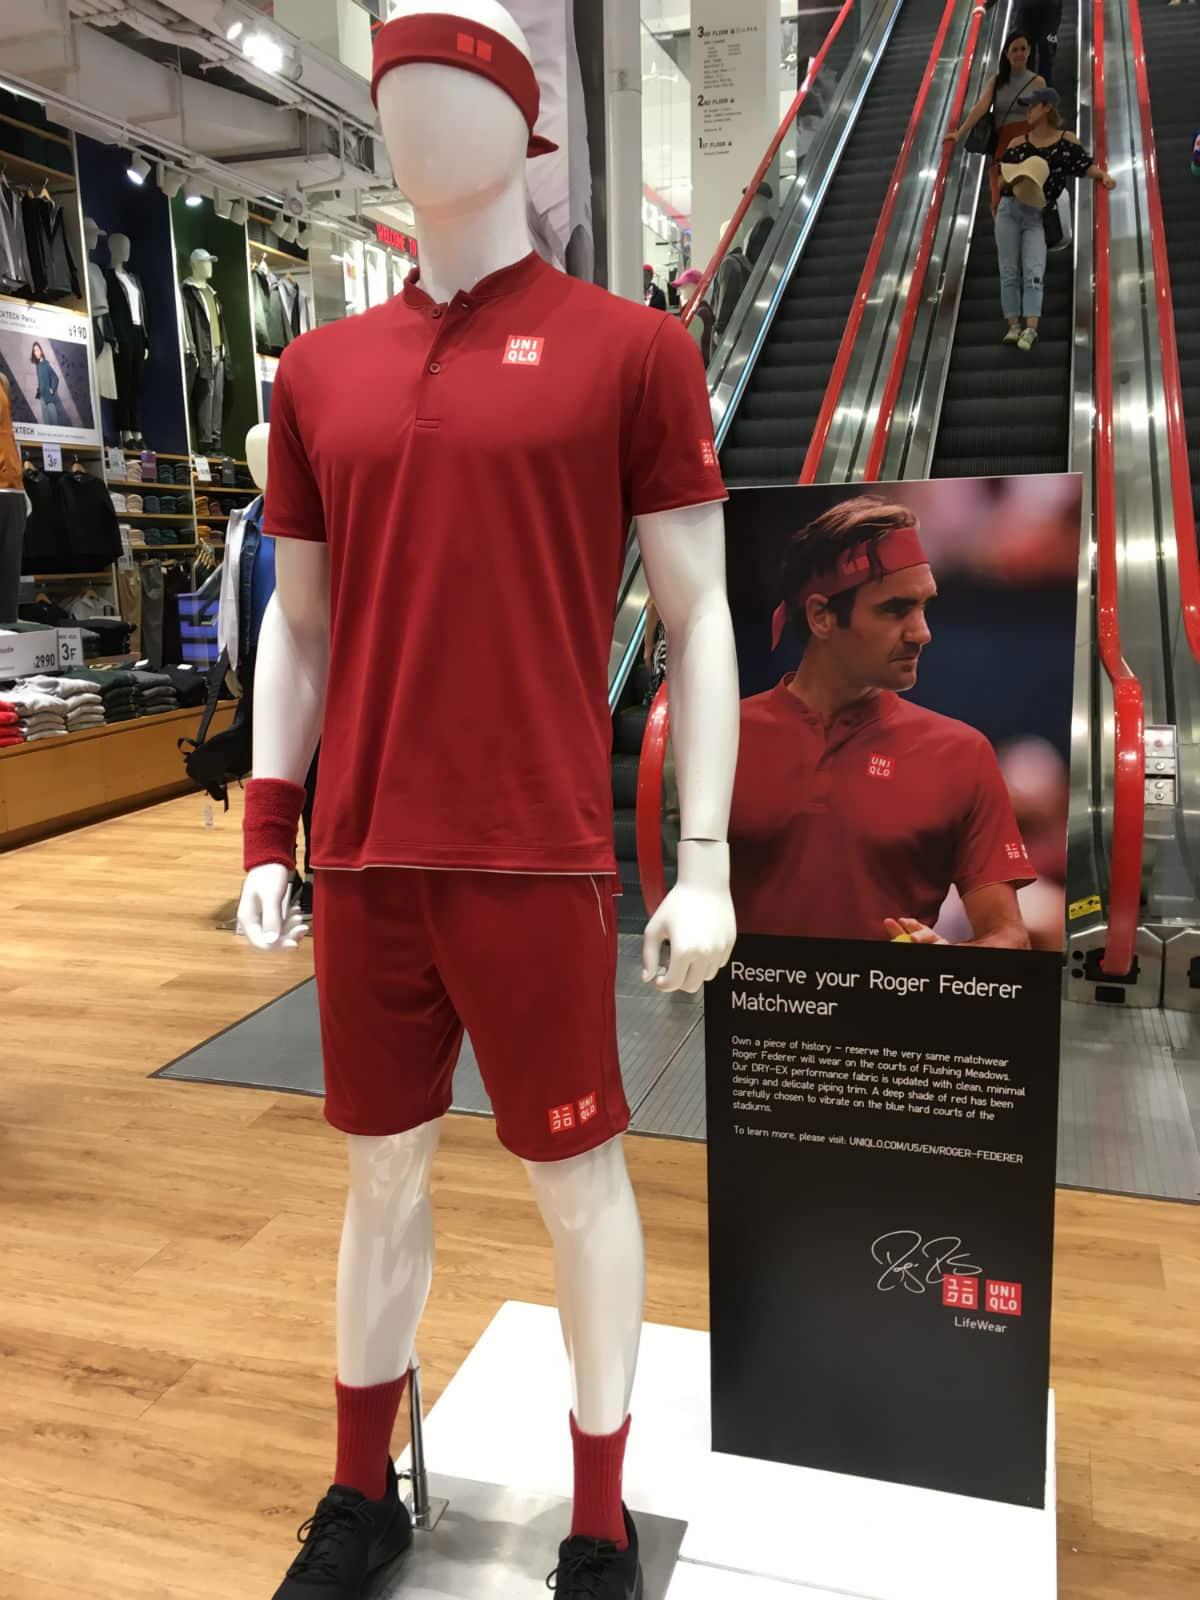 Federer Uniqlo Store